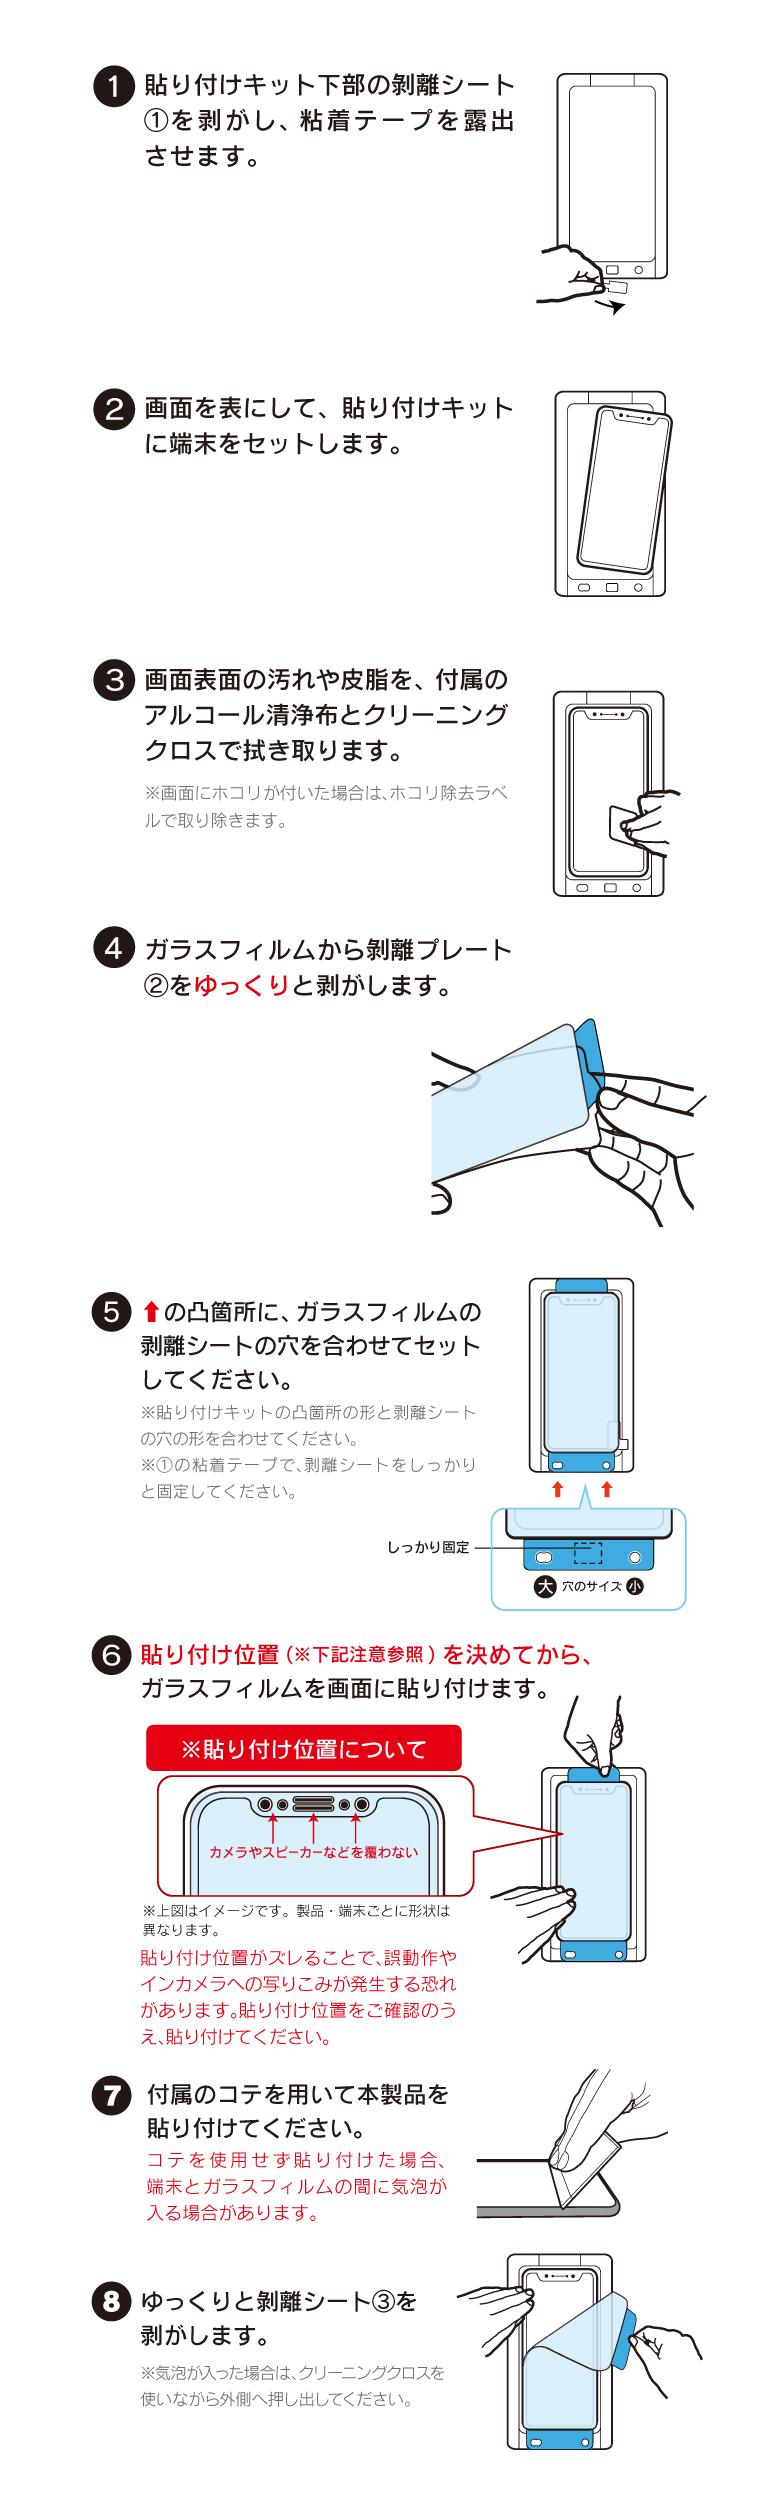 3Dタイプ 貼り付けキット使い方